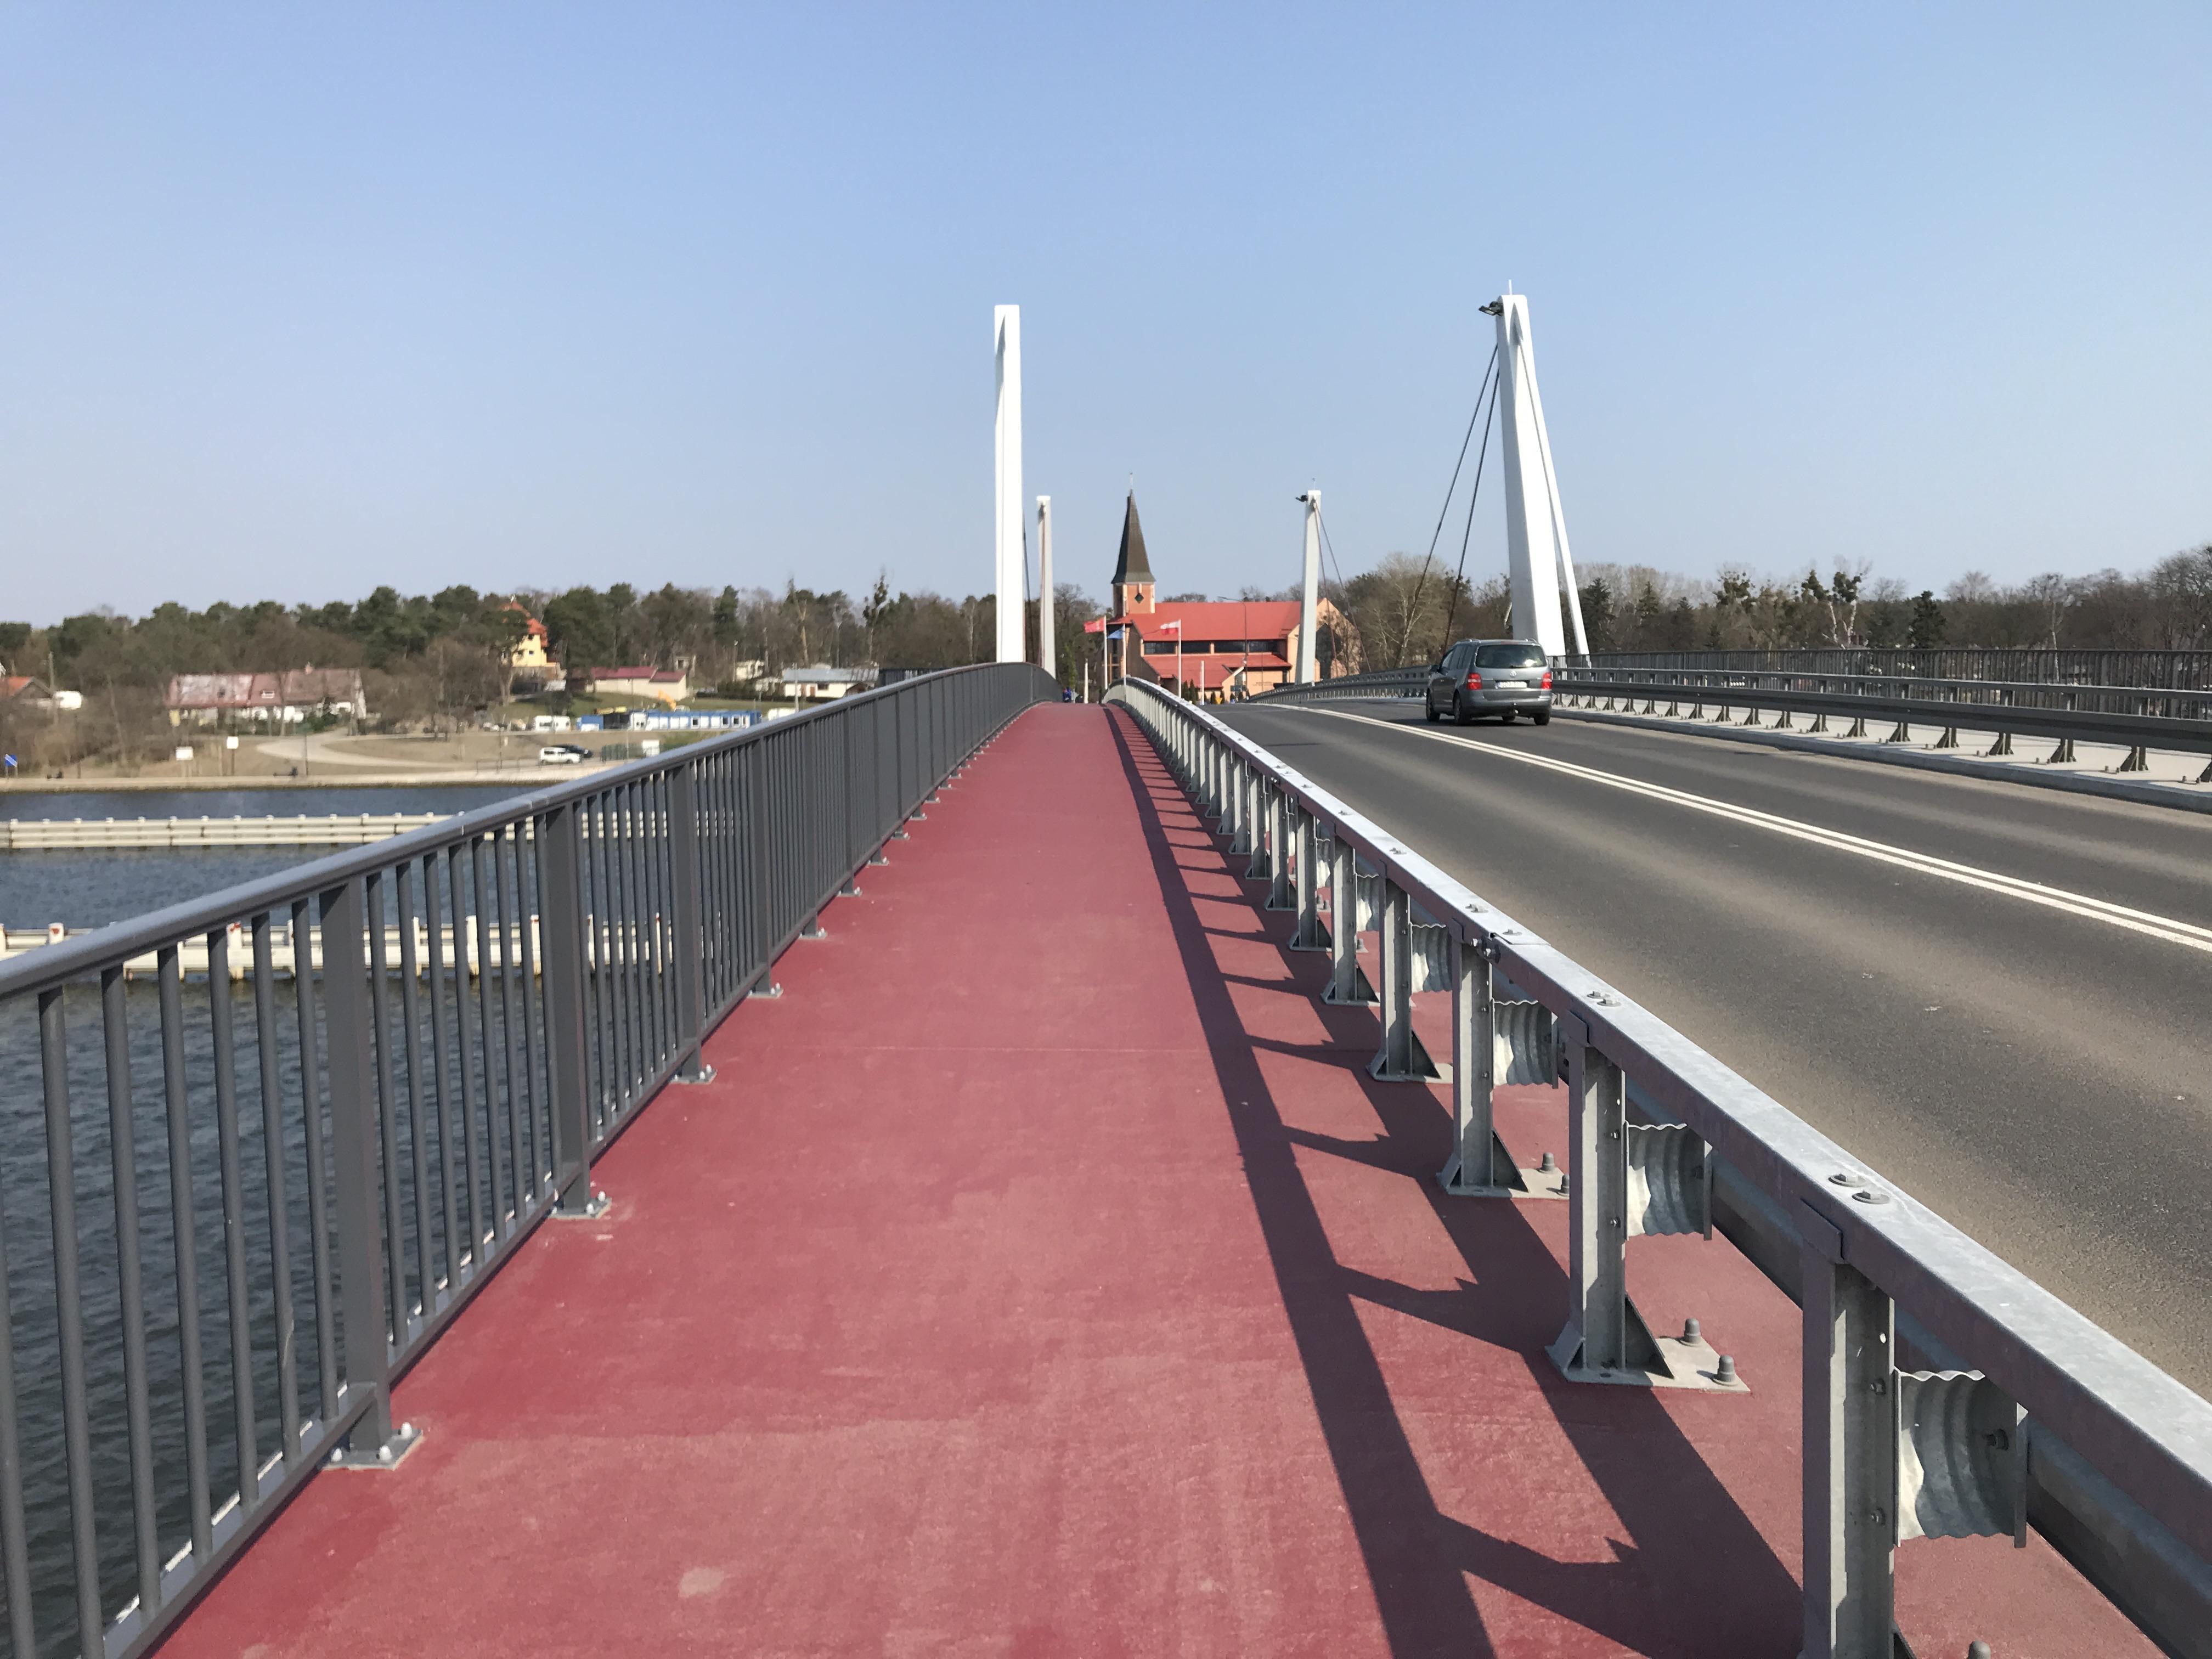 Nowy most Sobieszewski wybudowany w 2018 roku - ścieżka rowerowa na moście